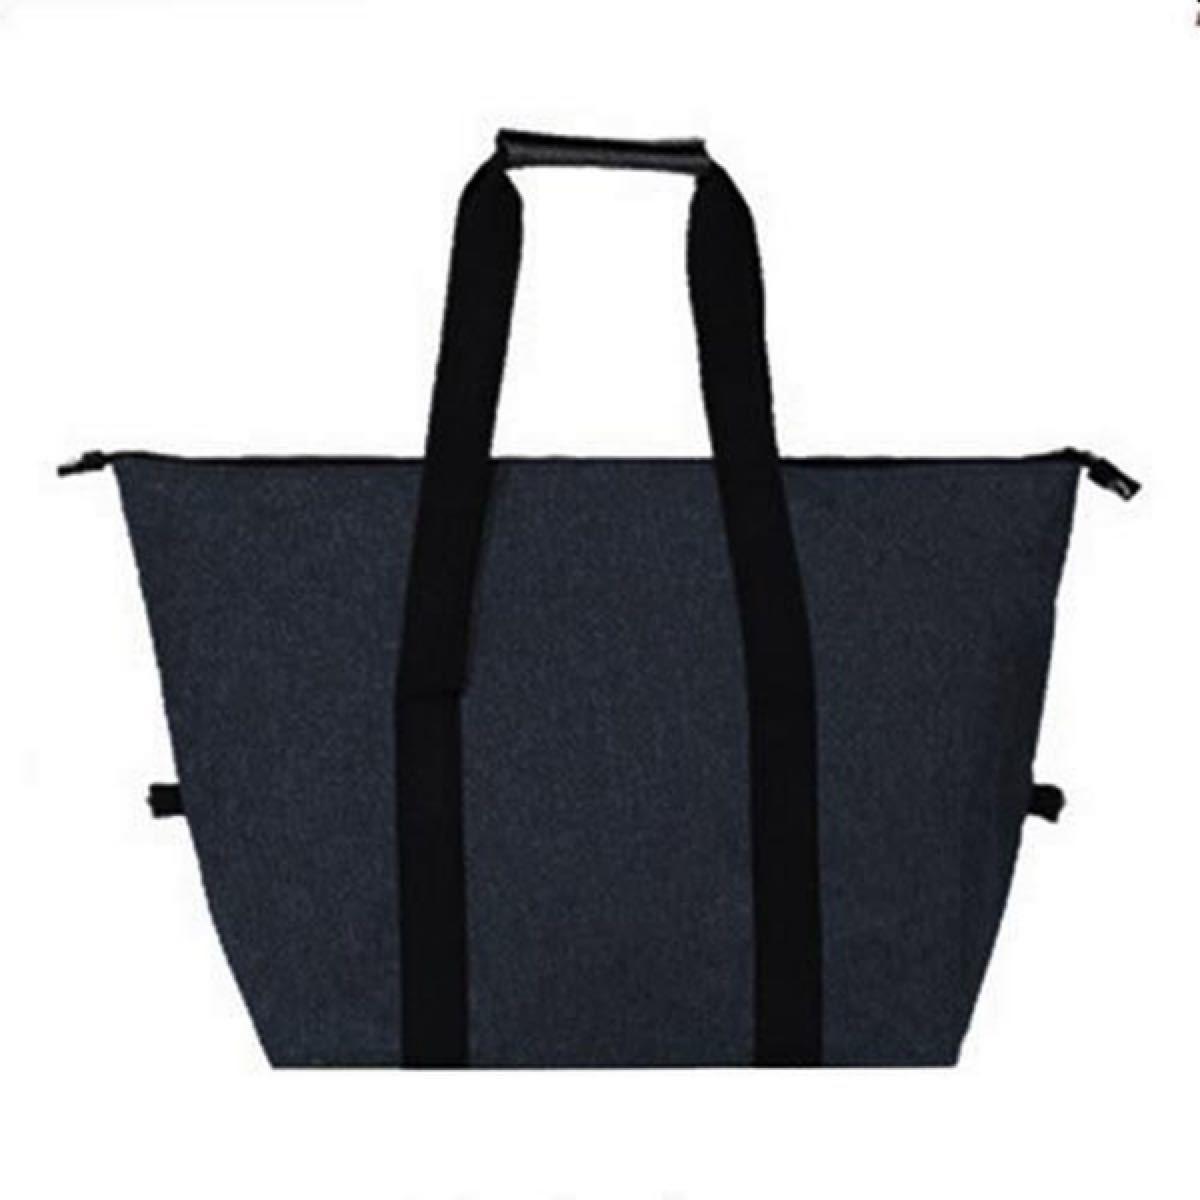 保温保冷バッグ 大サイズ ブラック 大容量 黒 肩掛け 2way エコバッグ  トートバッグ